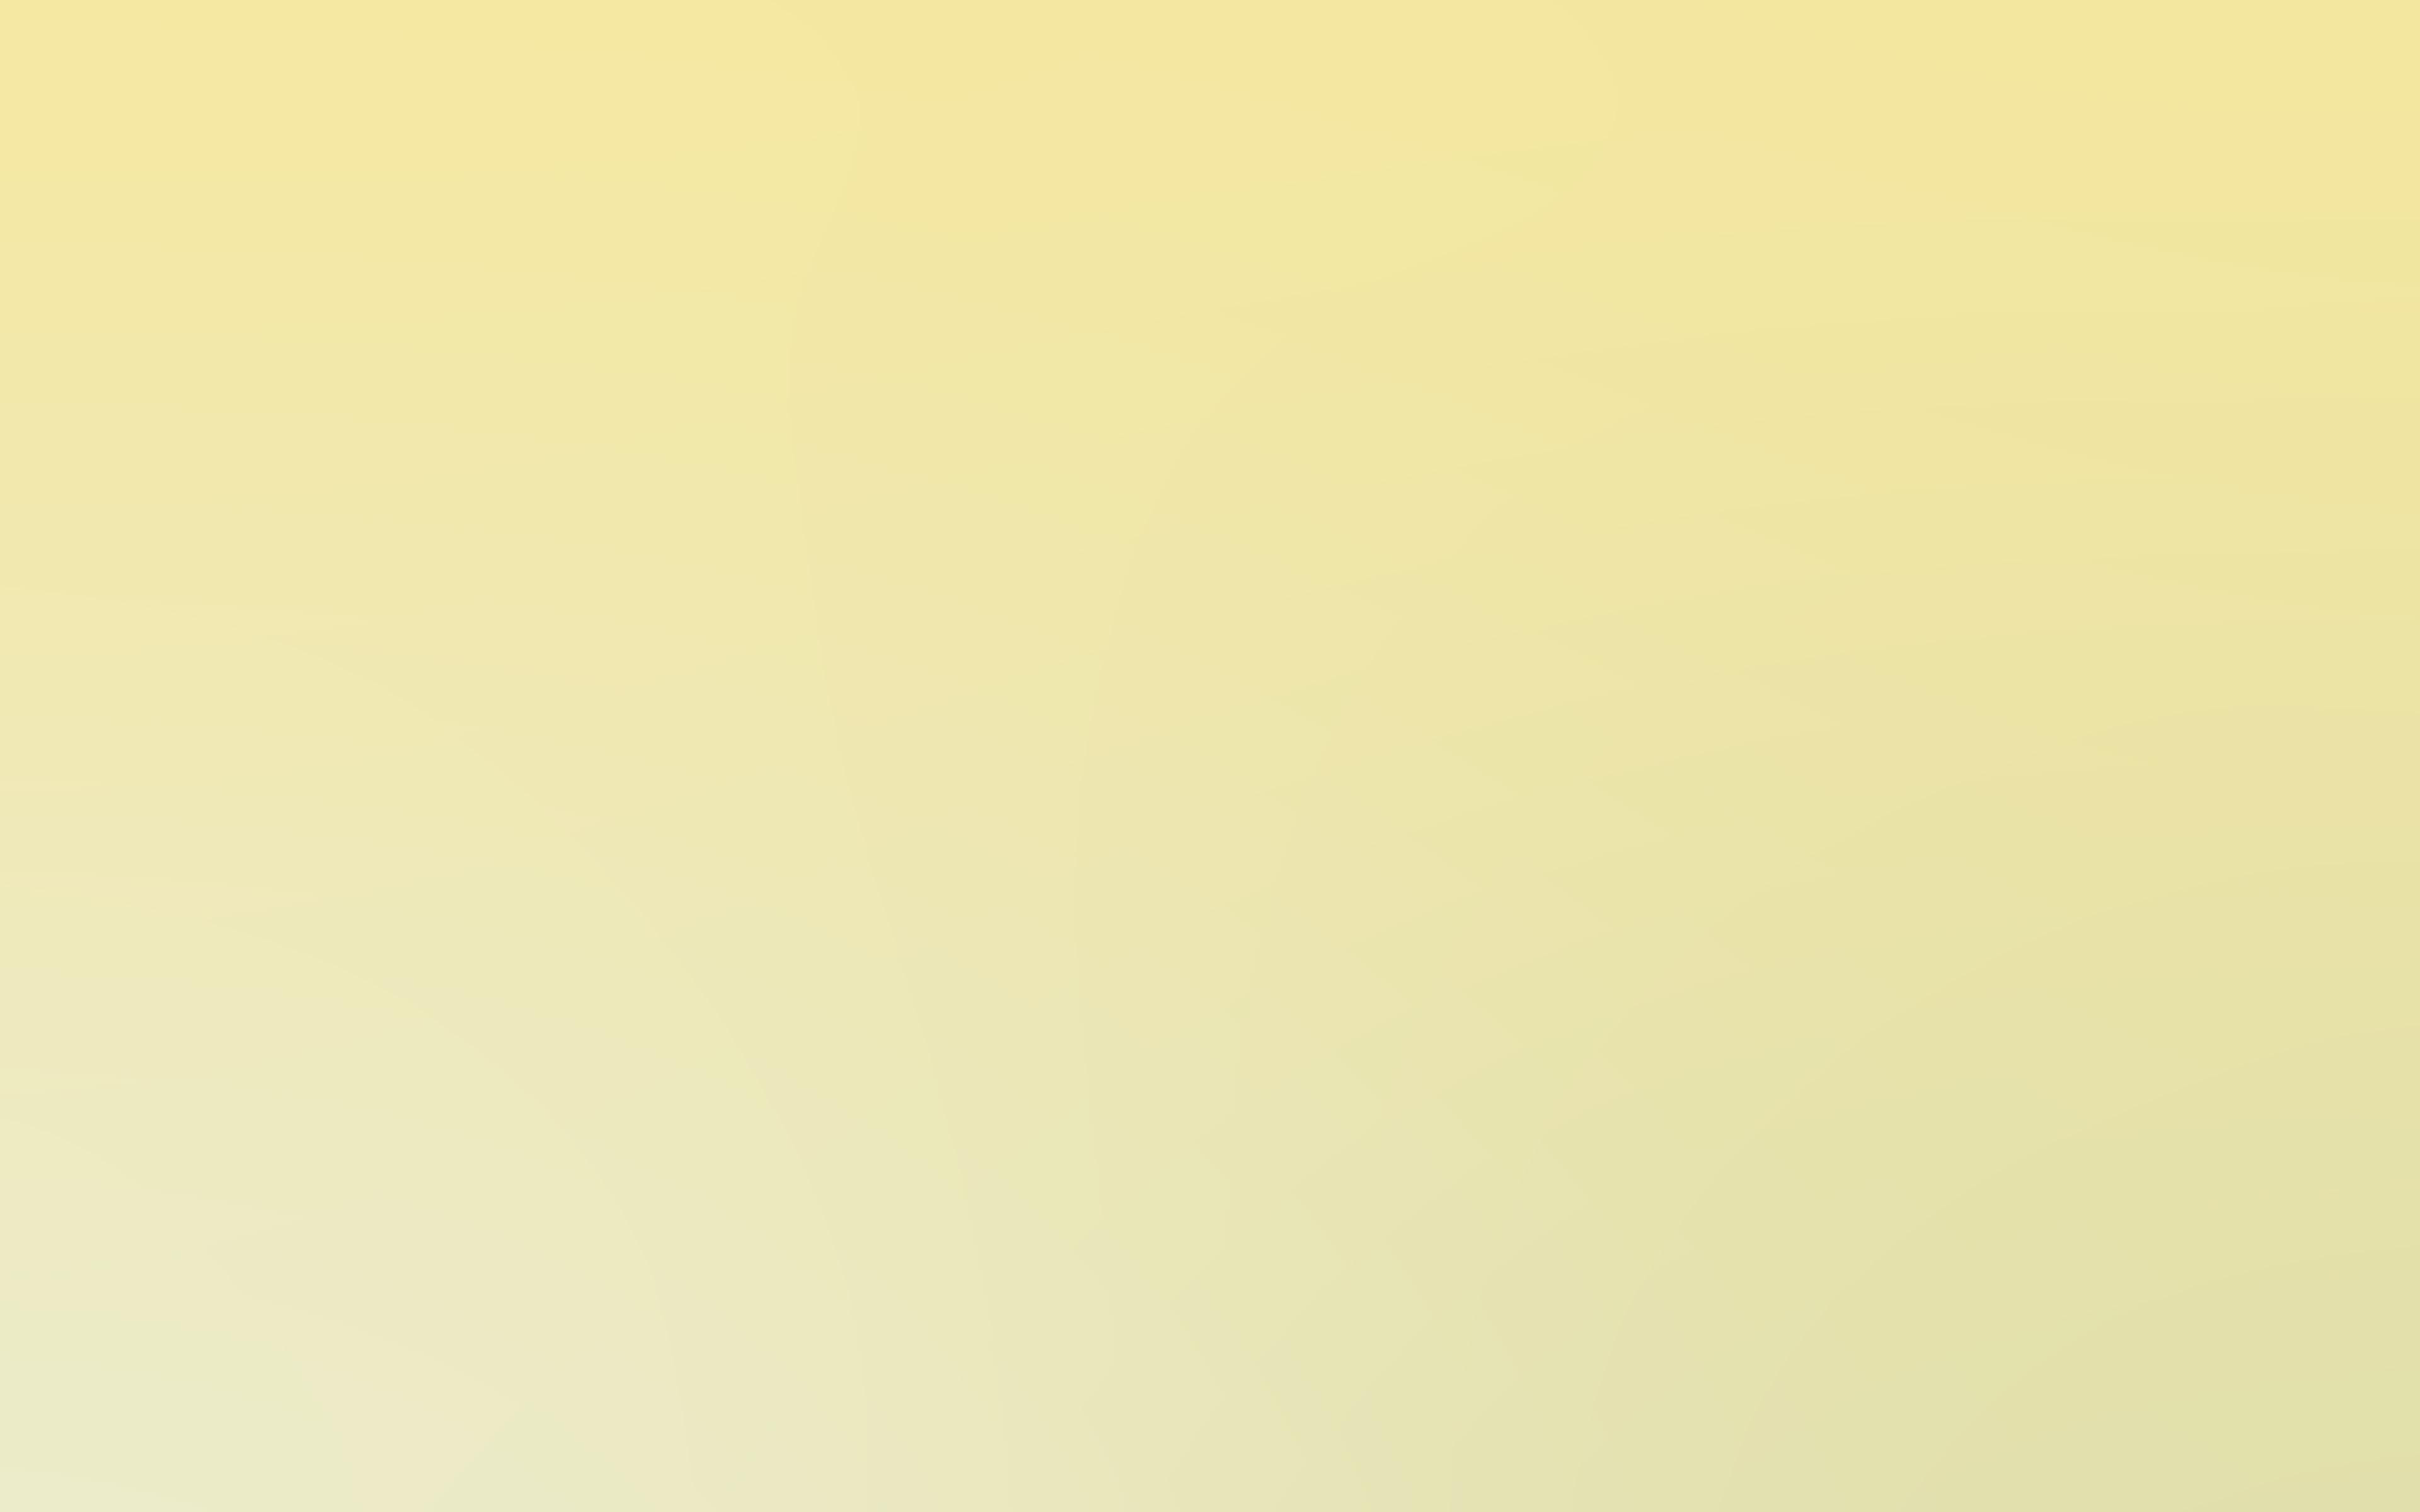 Fondos de pantalla Degradado difuminado amarillo